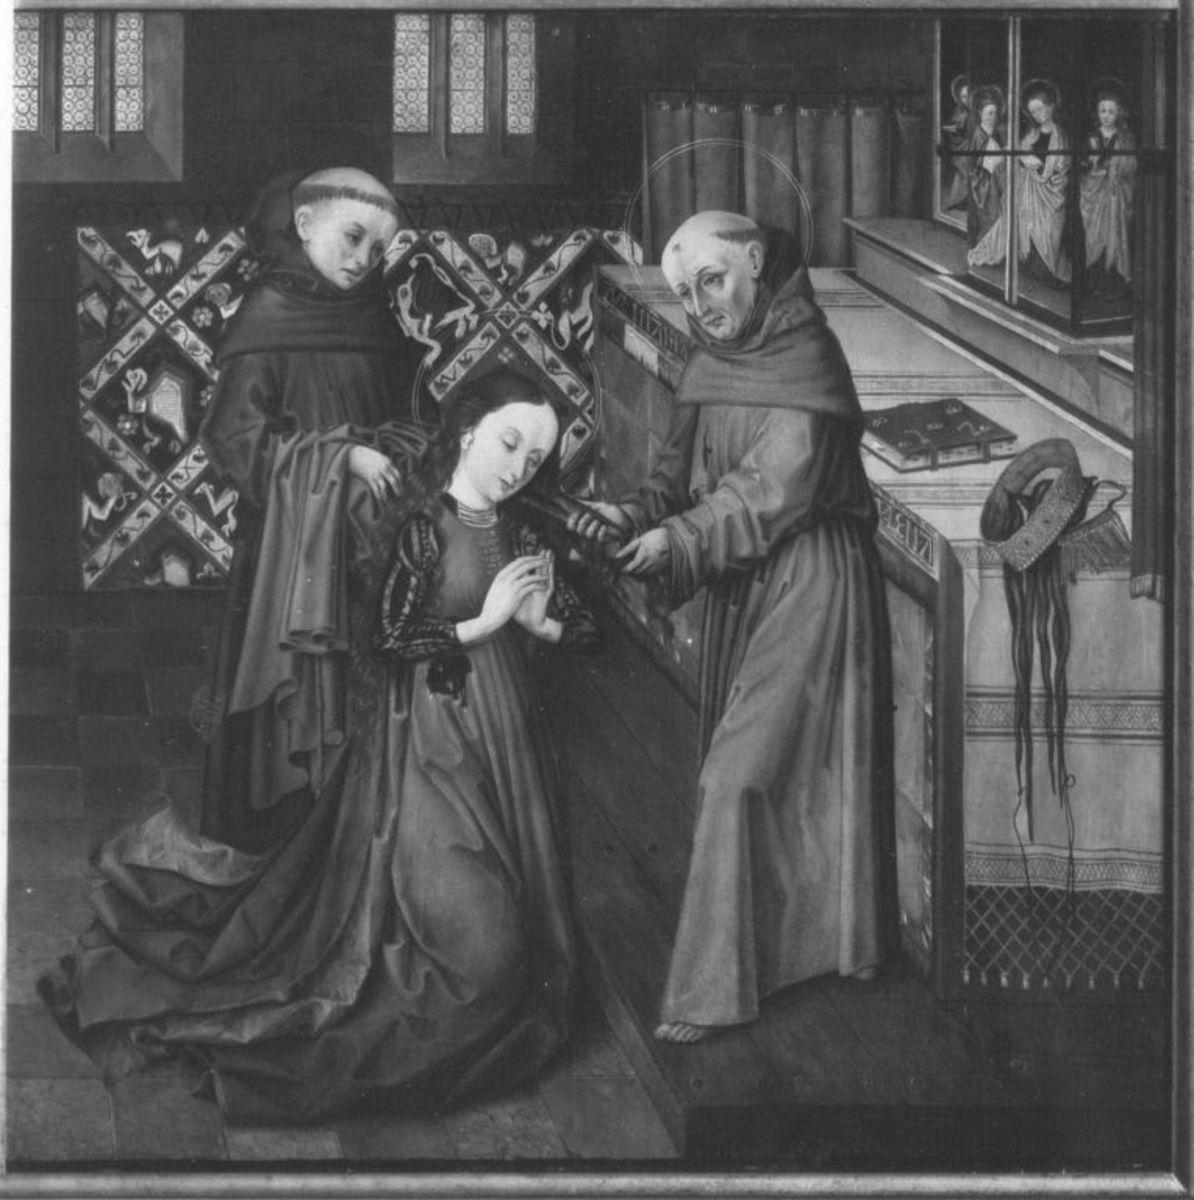 Klarenaltar: Die hl. Klara wird vom hl. Franziskus als Nonne eingekleidet